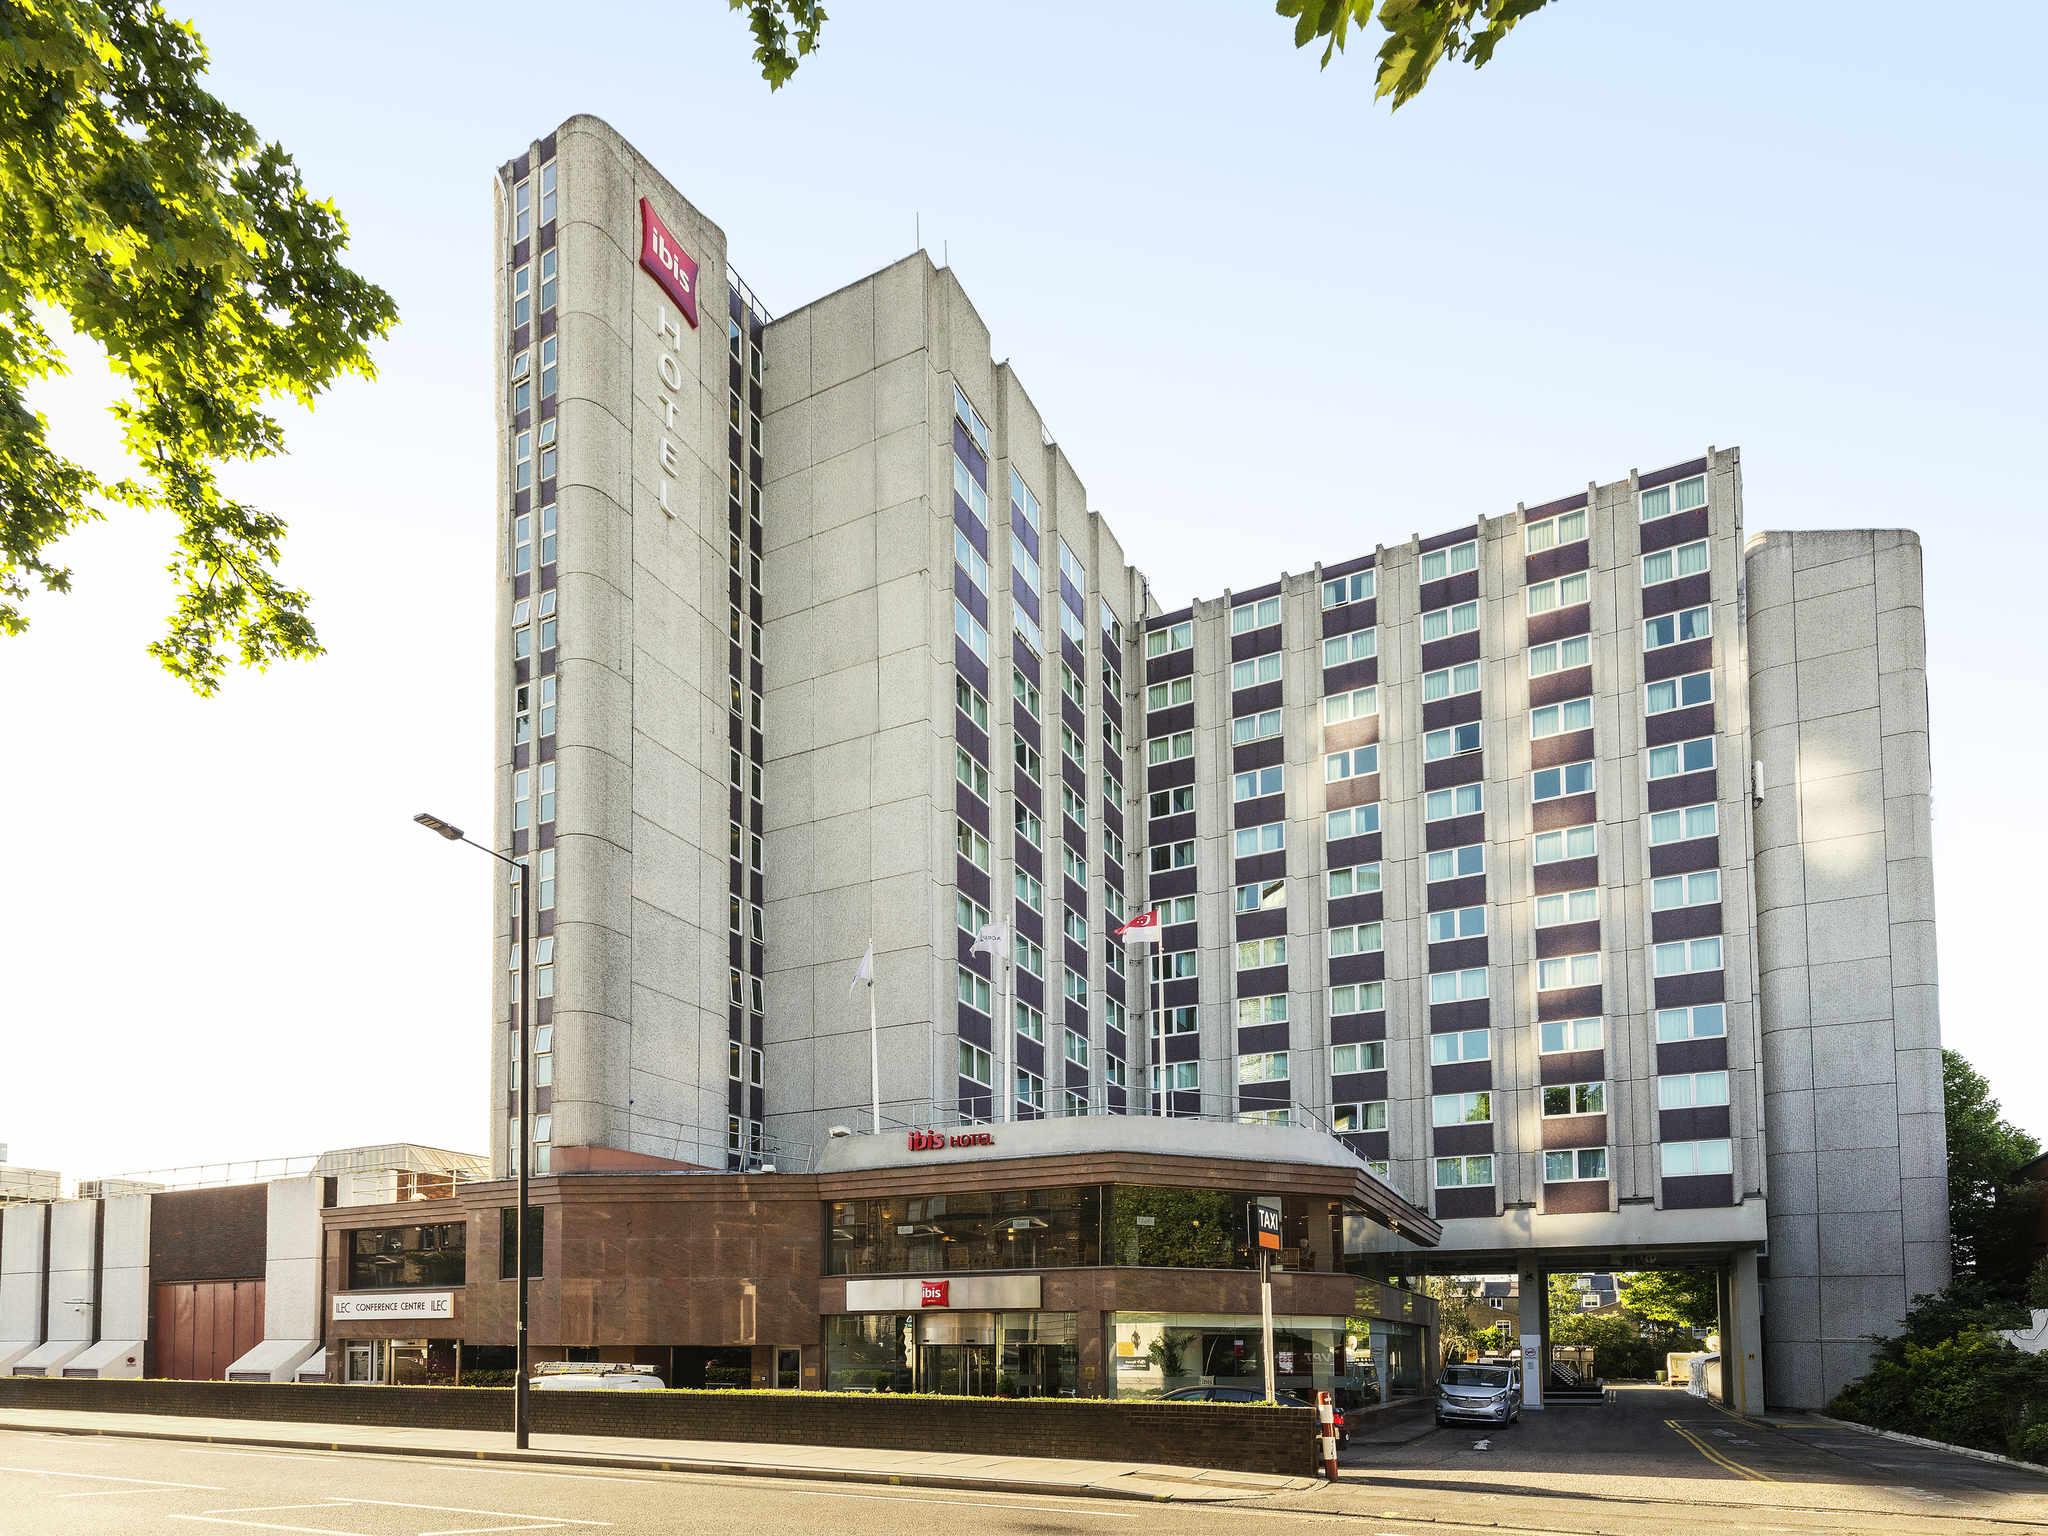 โรงแรม – ไอบิส ลอนดอน เอิร์ลส์ คอร์ท